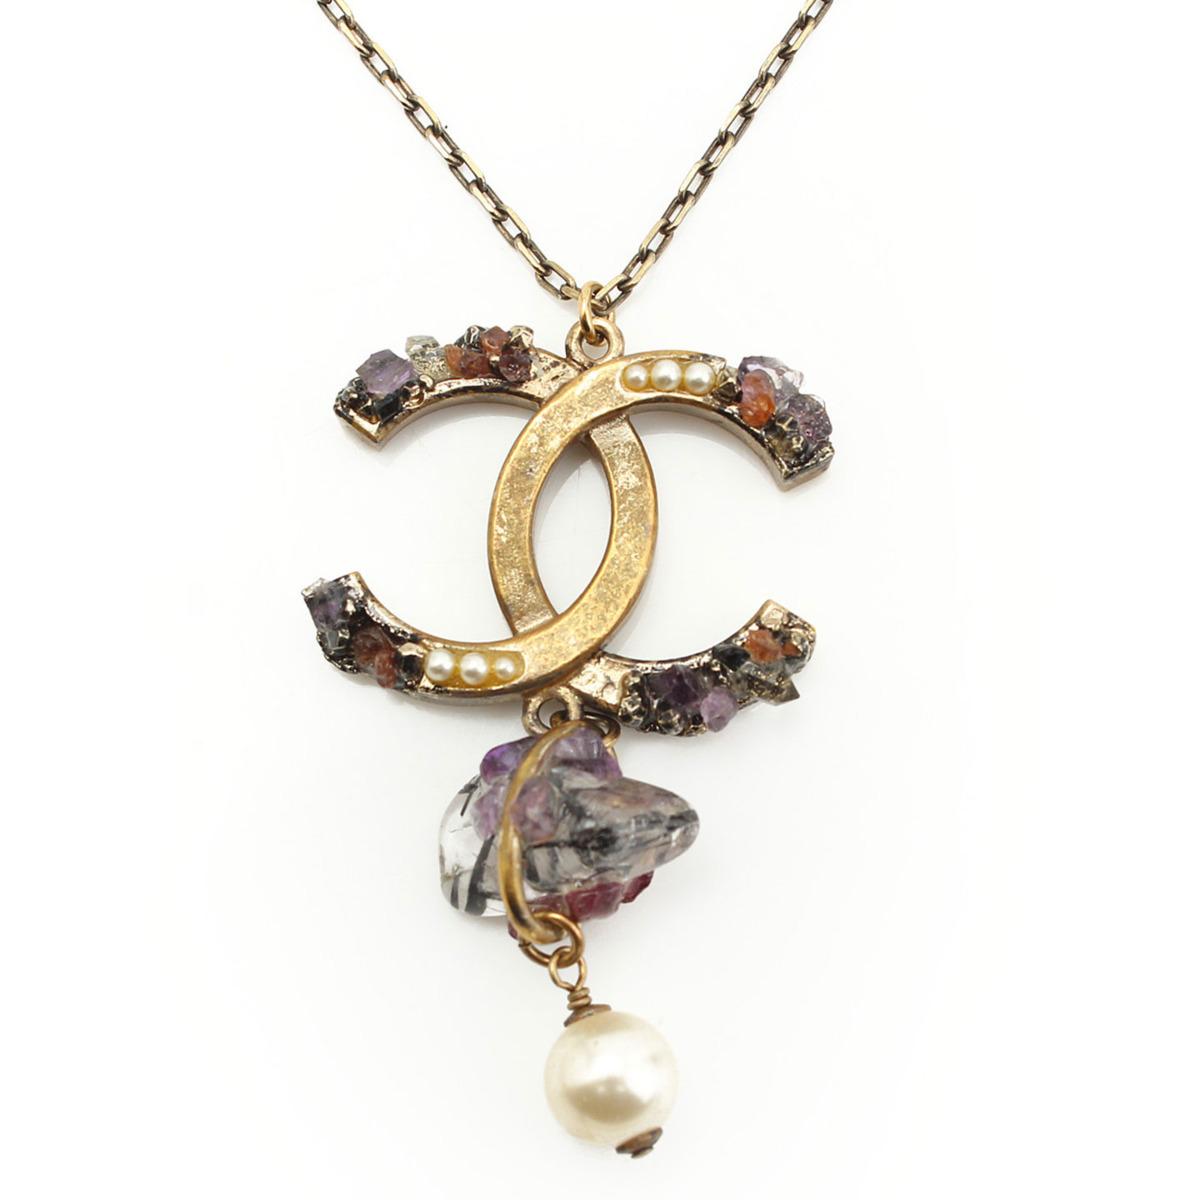 【シャネル】Chanel 12A 鉱石 ココマーク パールネックレス  【中古】【鑑定済・正規品保証】【送料無料】29432